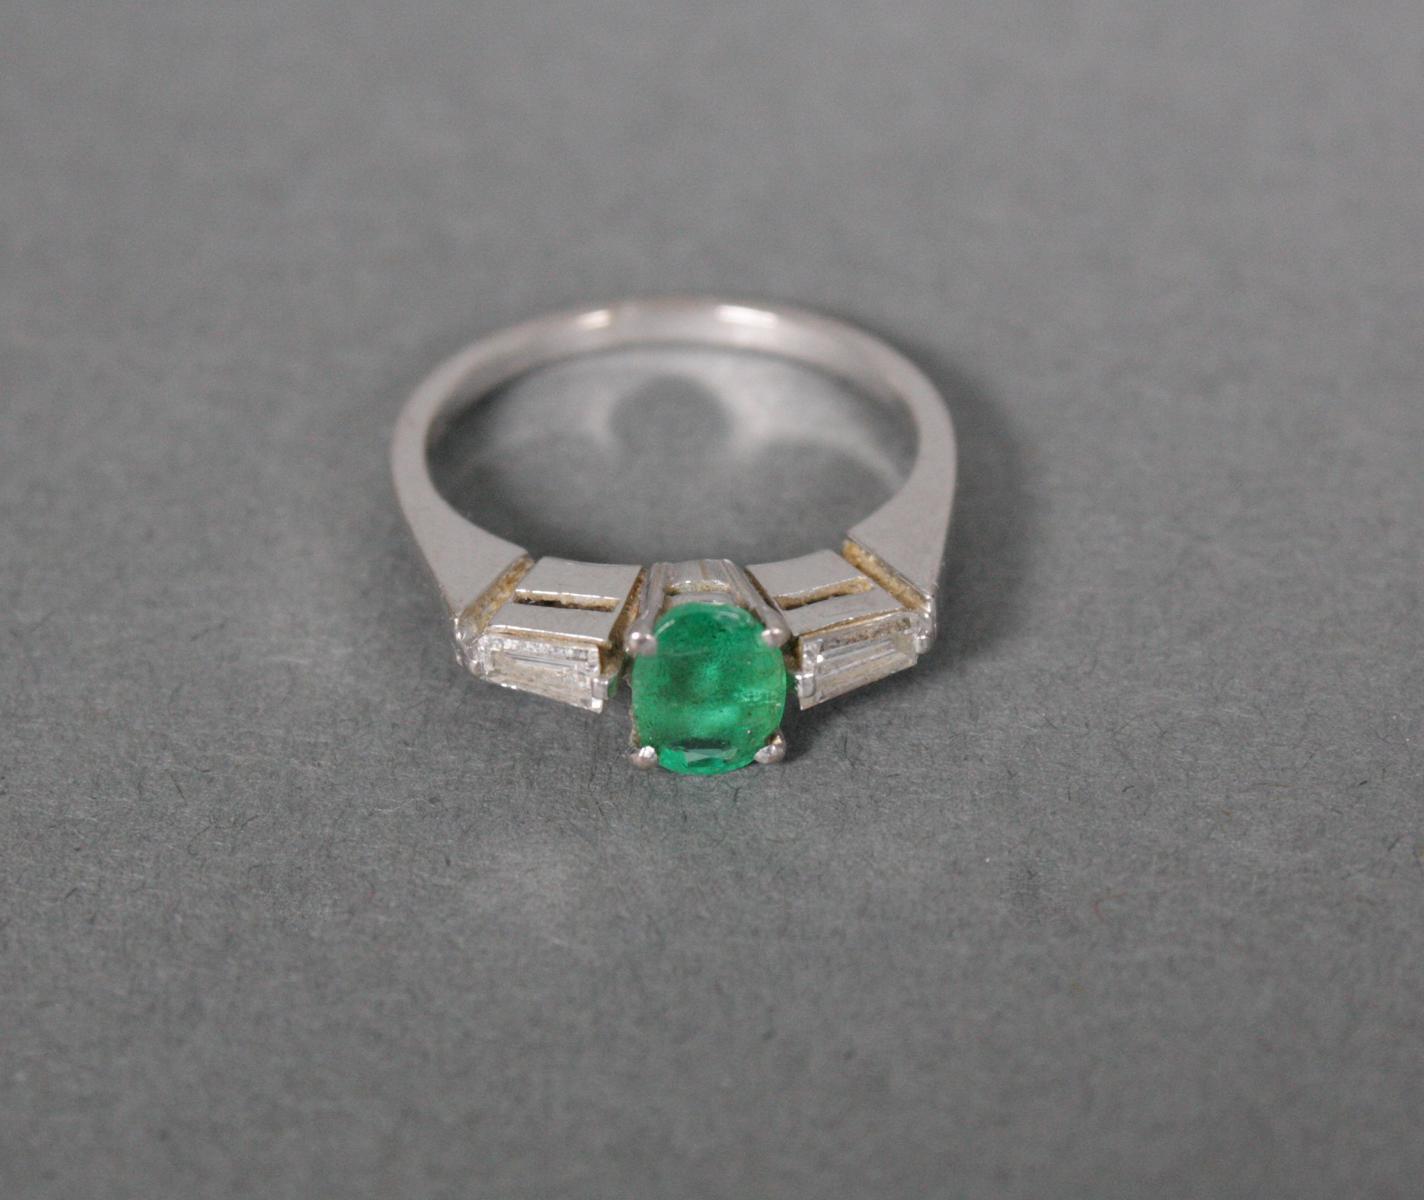 Damenring mit Smaragd und Diamanten, 18 Karat Weißgold